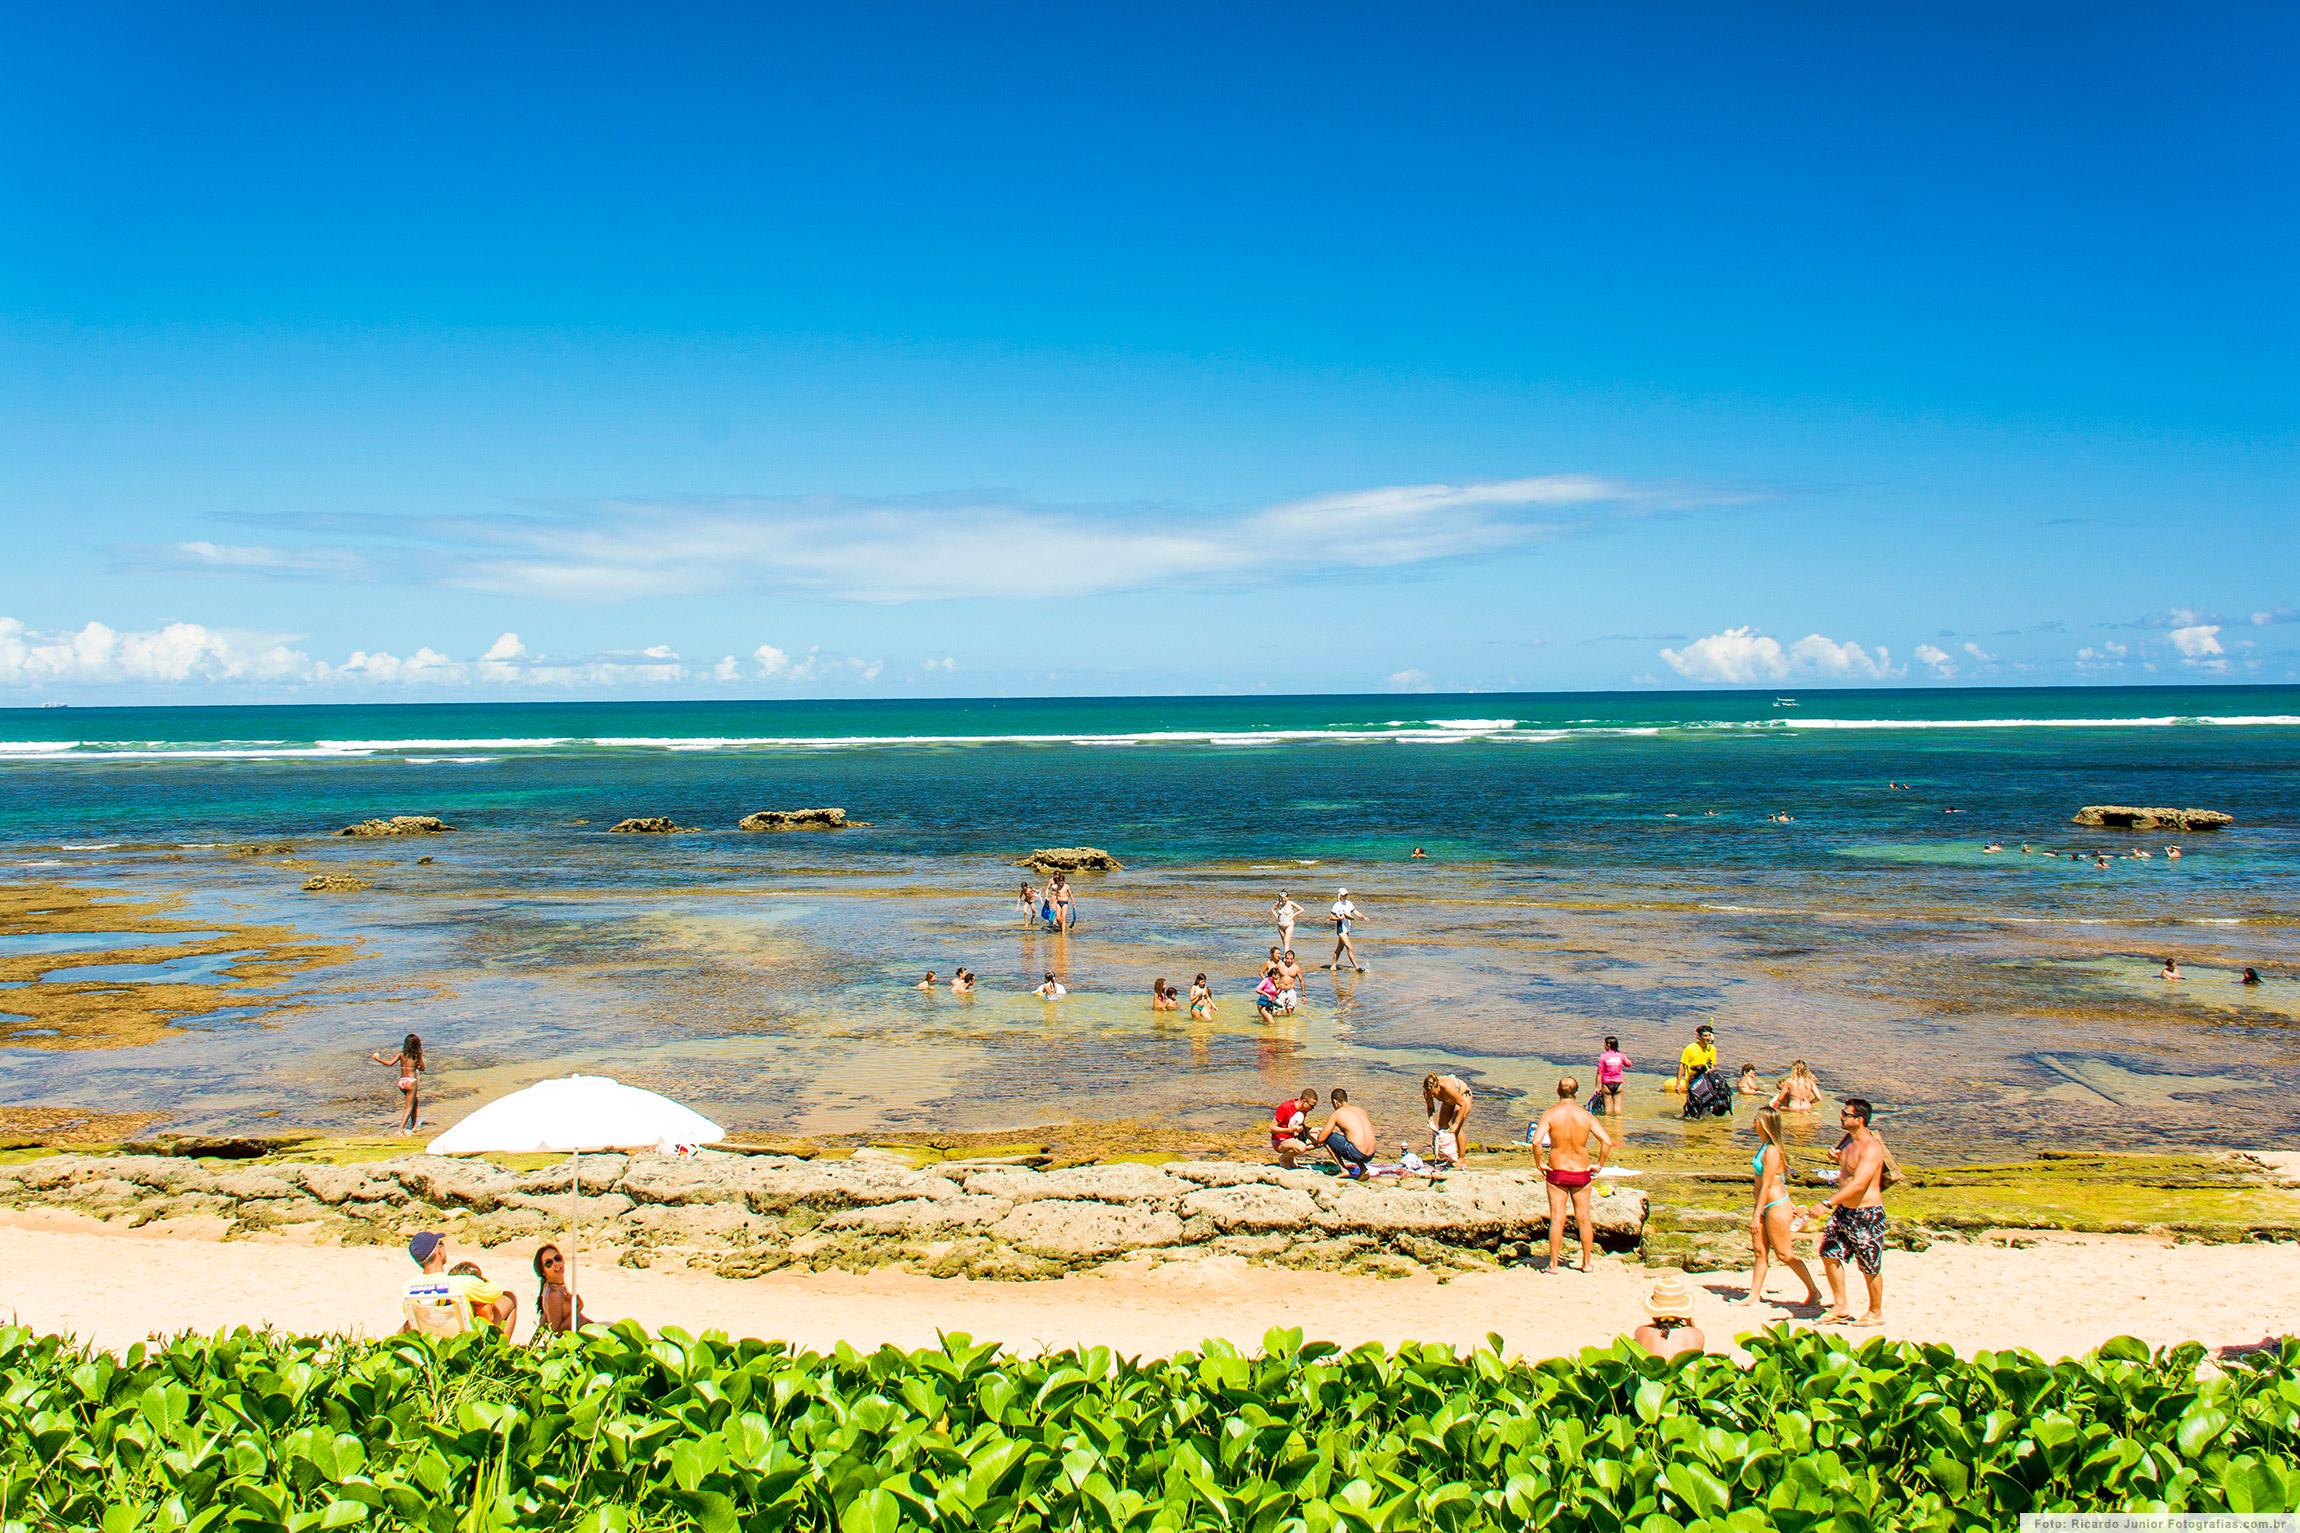 Piscinas Naturais da Praia do Forte - Bahia